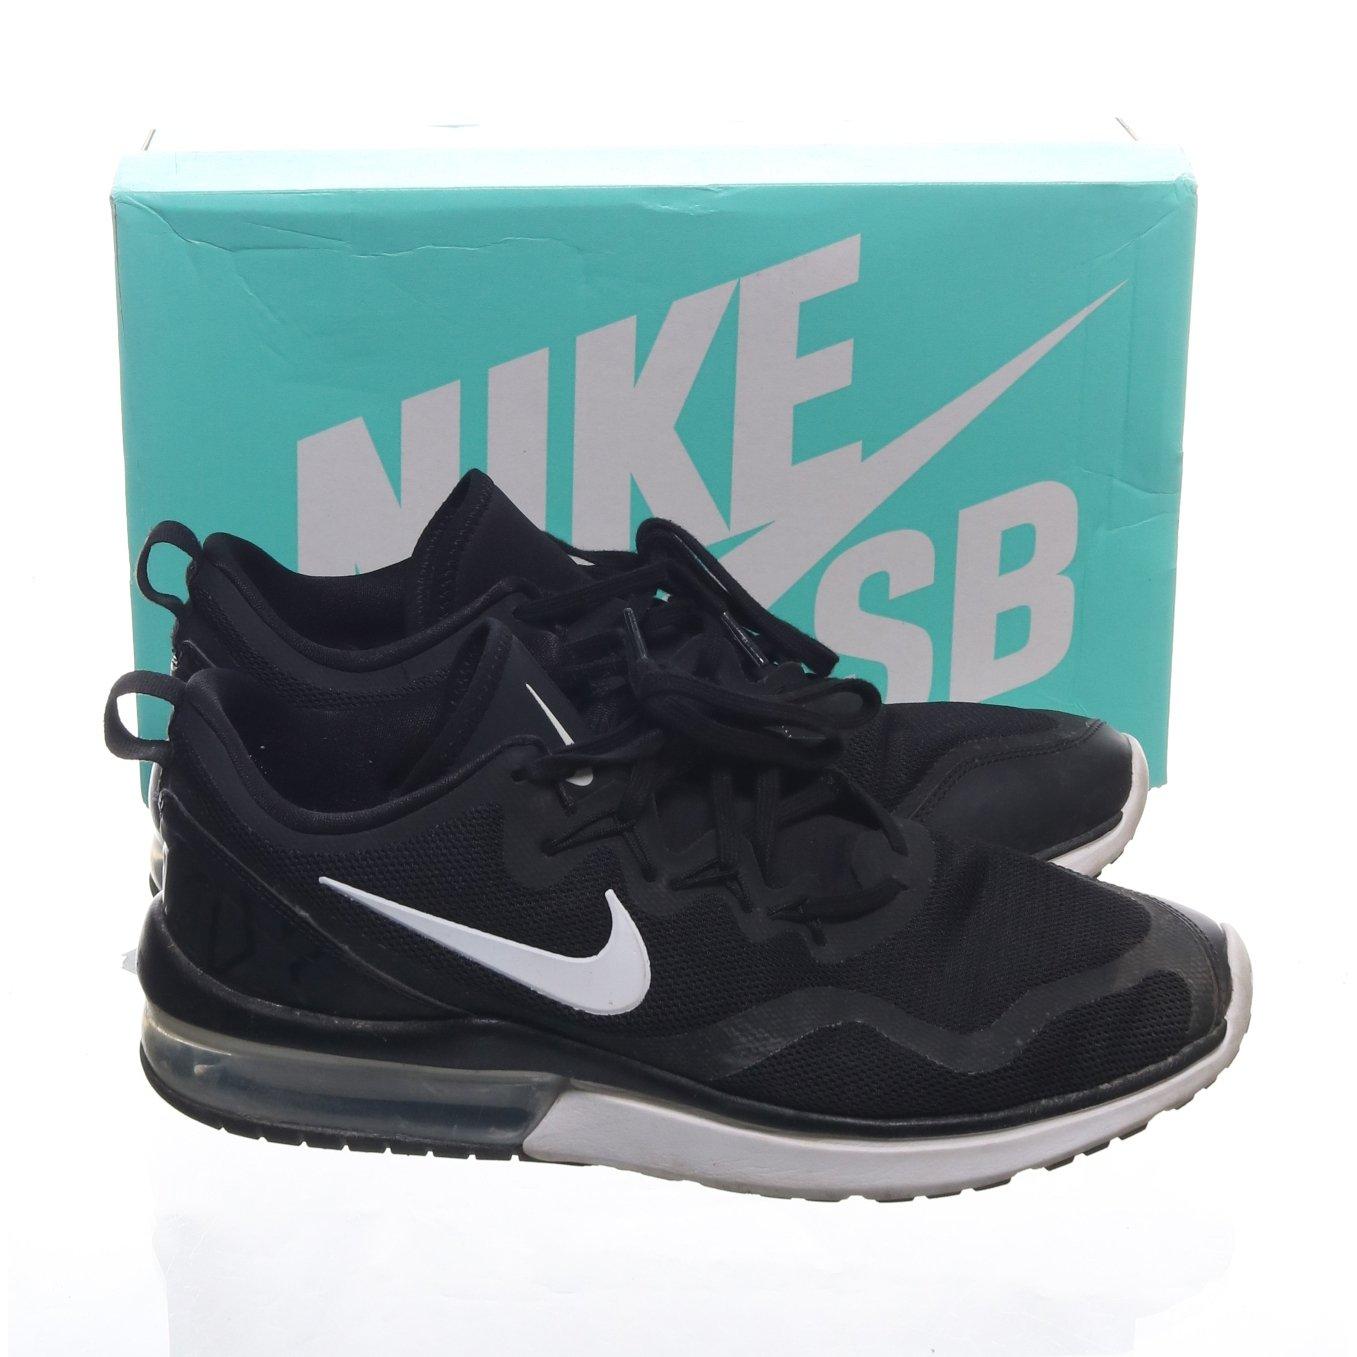 Nike, Sneakers, Strl: 44, Air Max Fury, Svart